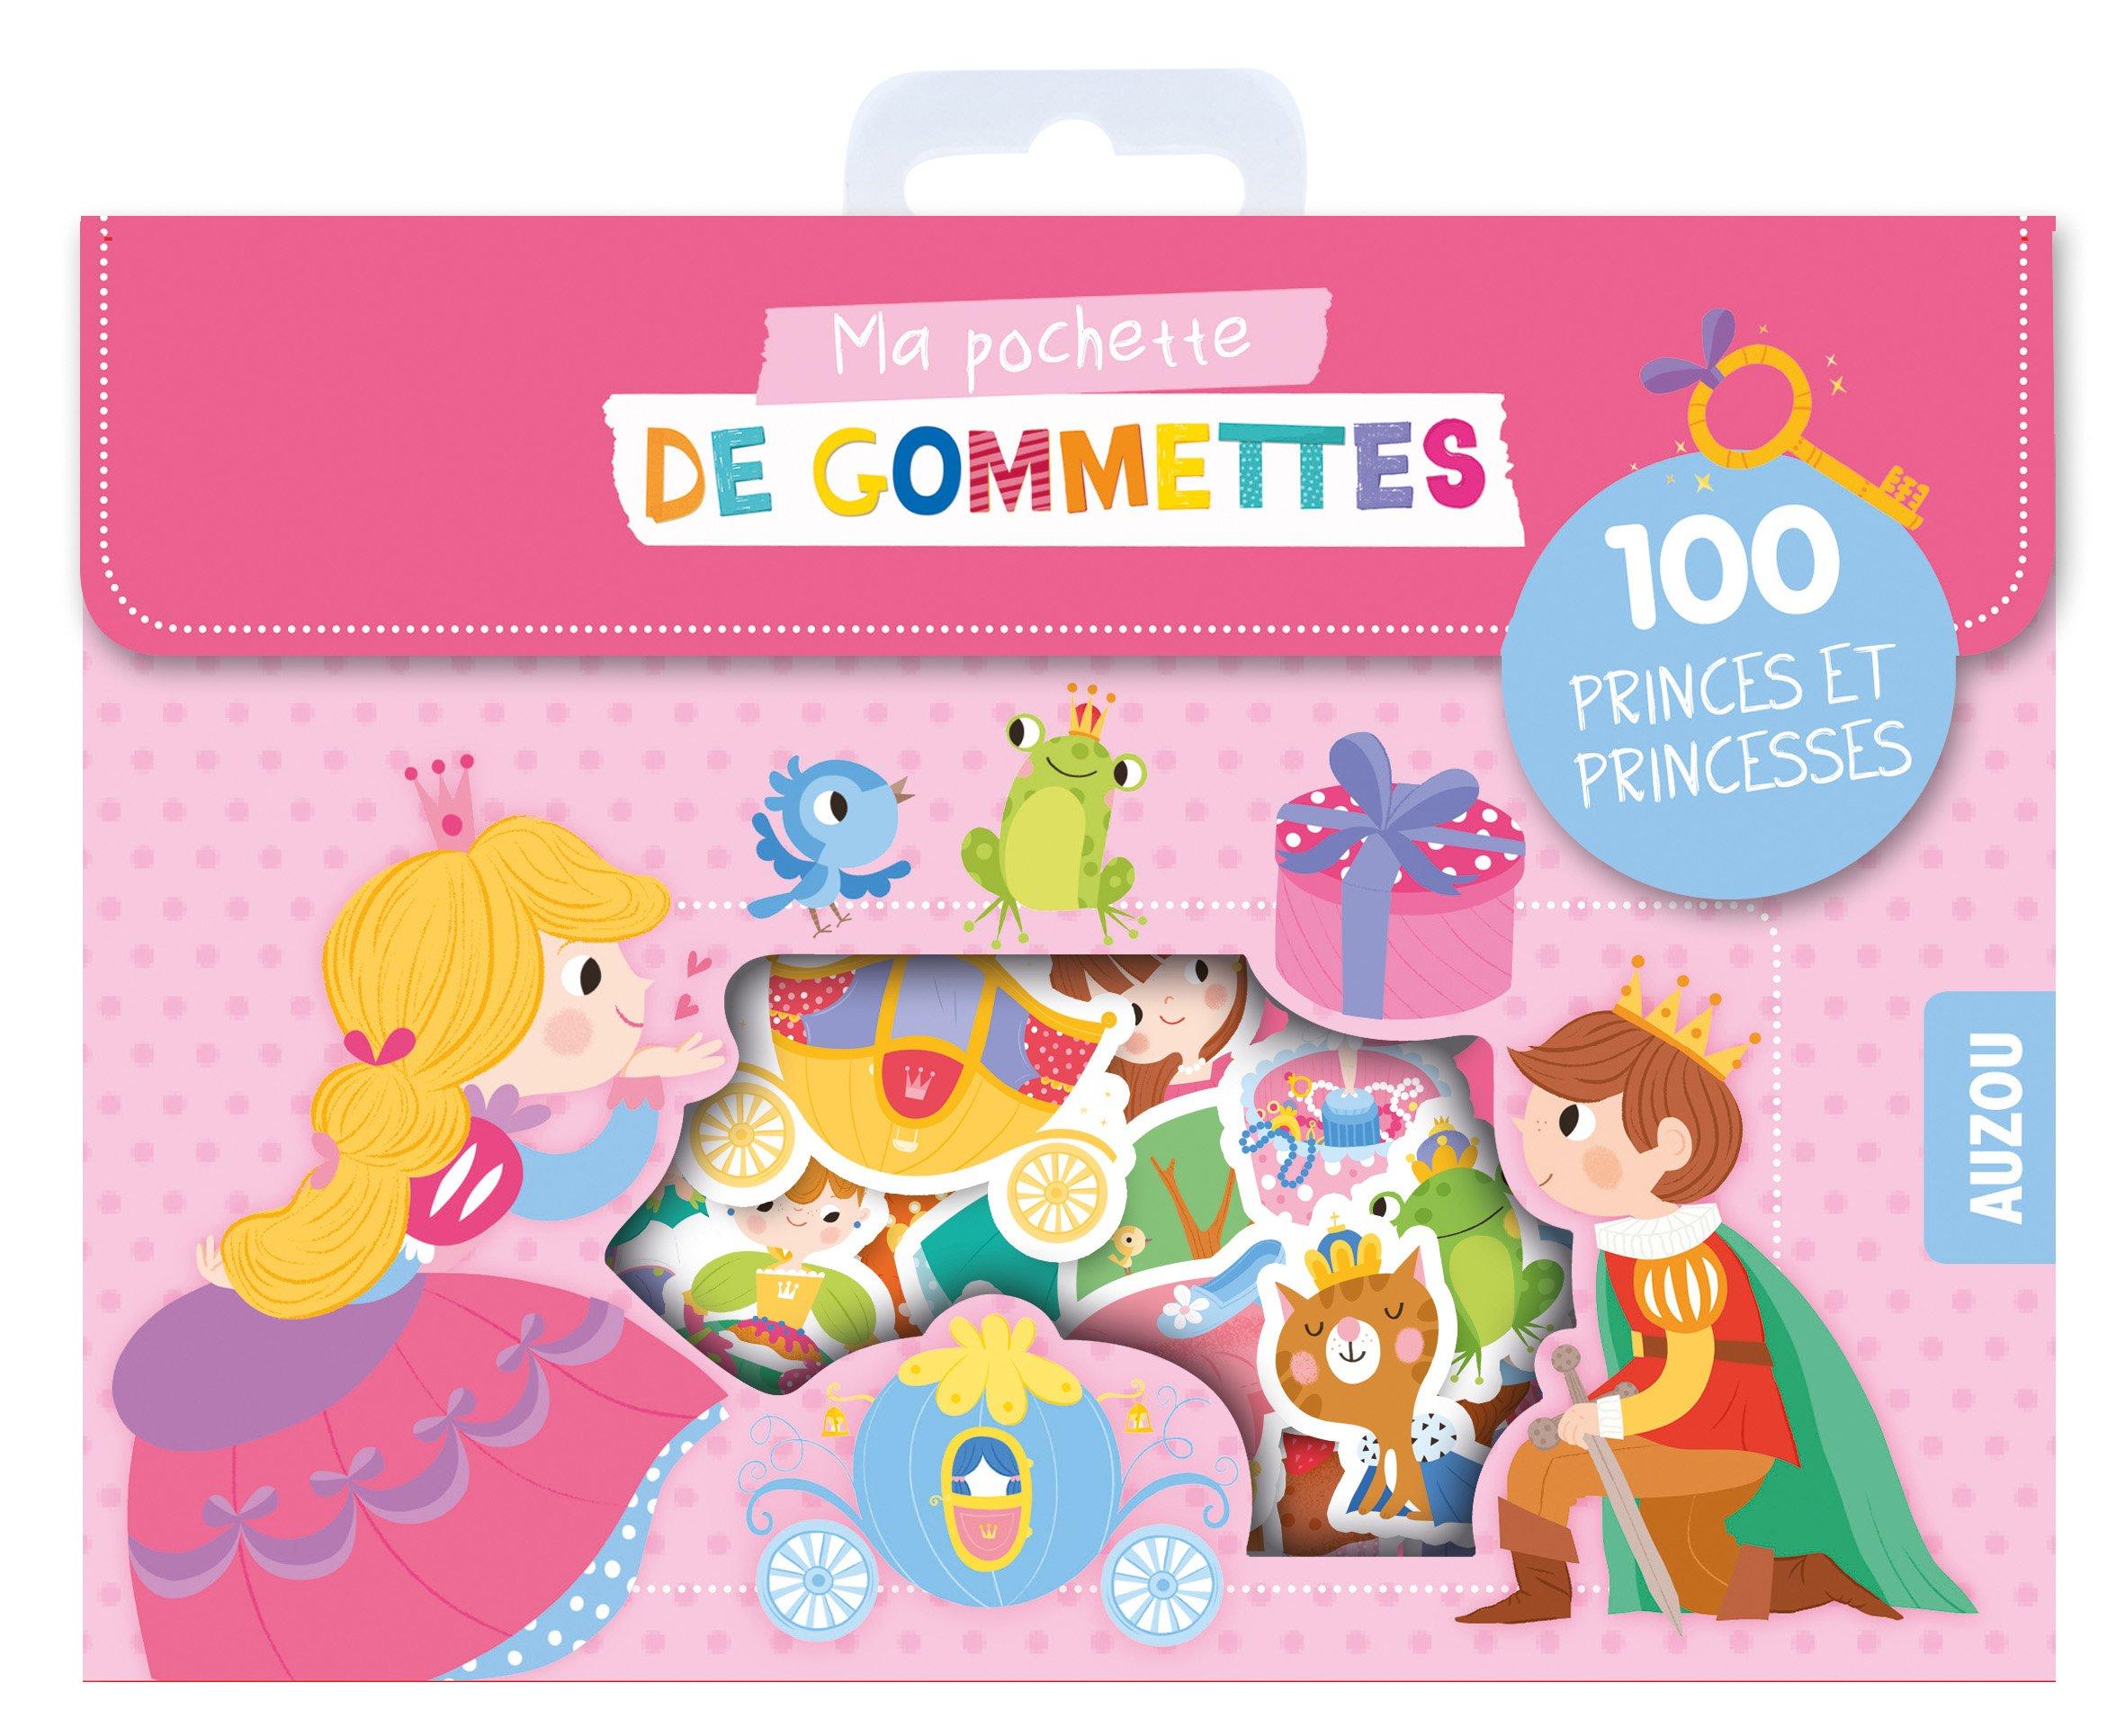 Ma pochette de gommettes - P'tites princesses Boîte – 12 janvier 2017 Maria Neradova Auzou Editions 2733846523 Jeunesse